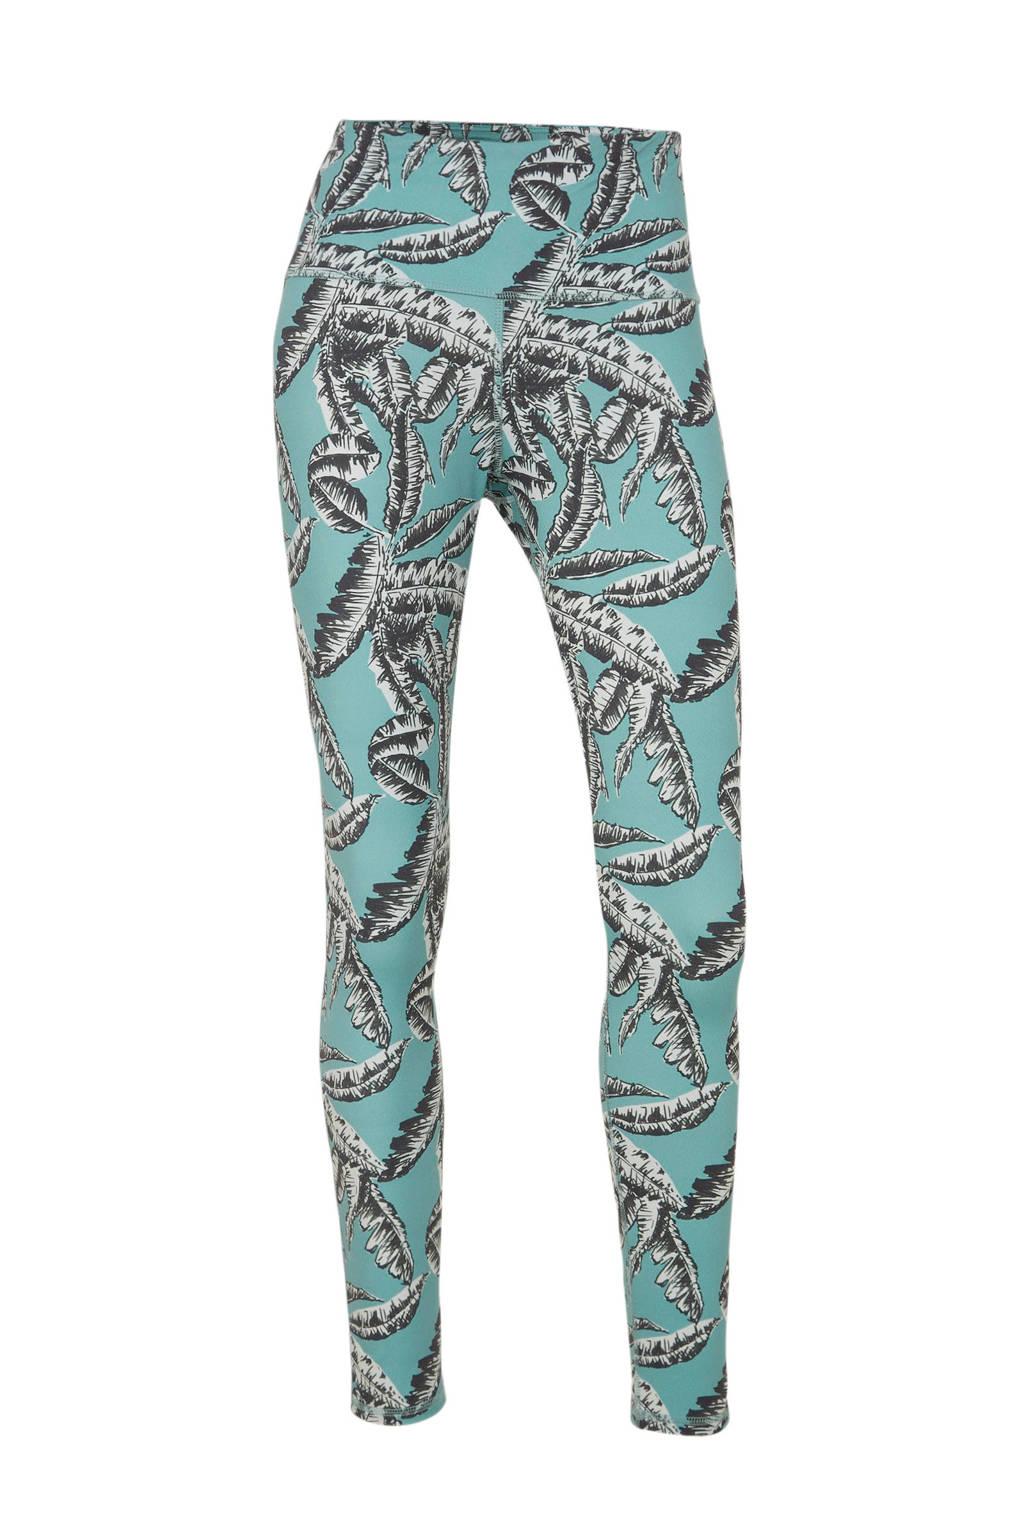 10DAYS legging met bladprint lichtblauw/zwart/wit, Lichtblauw/zwart/wit